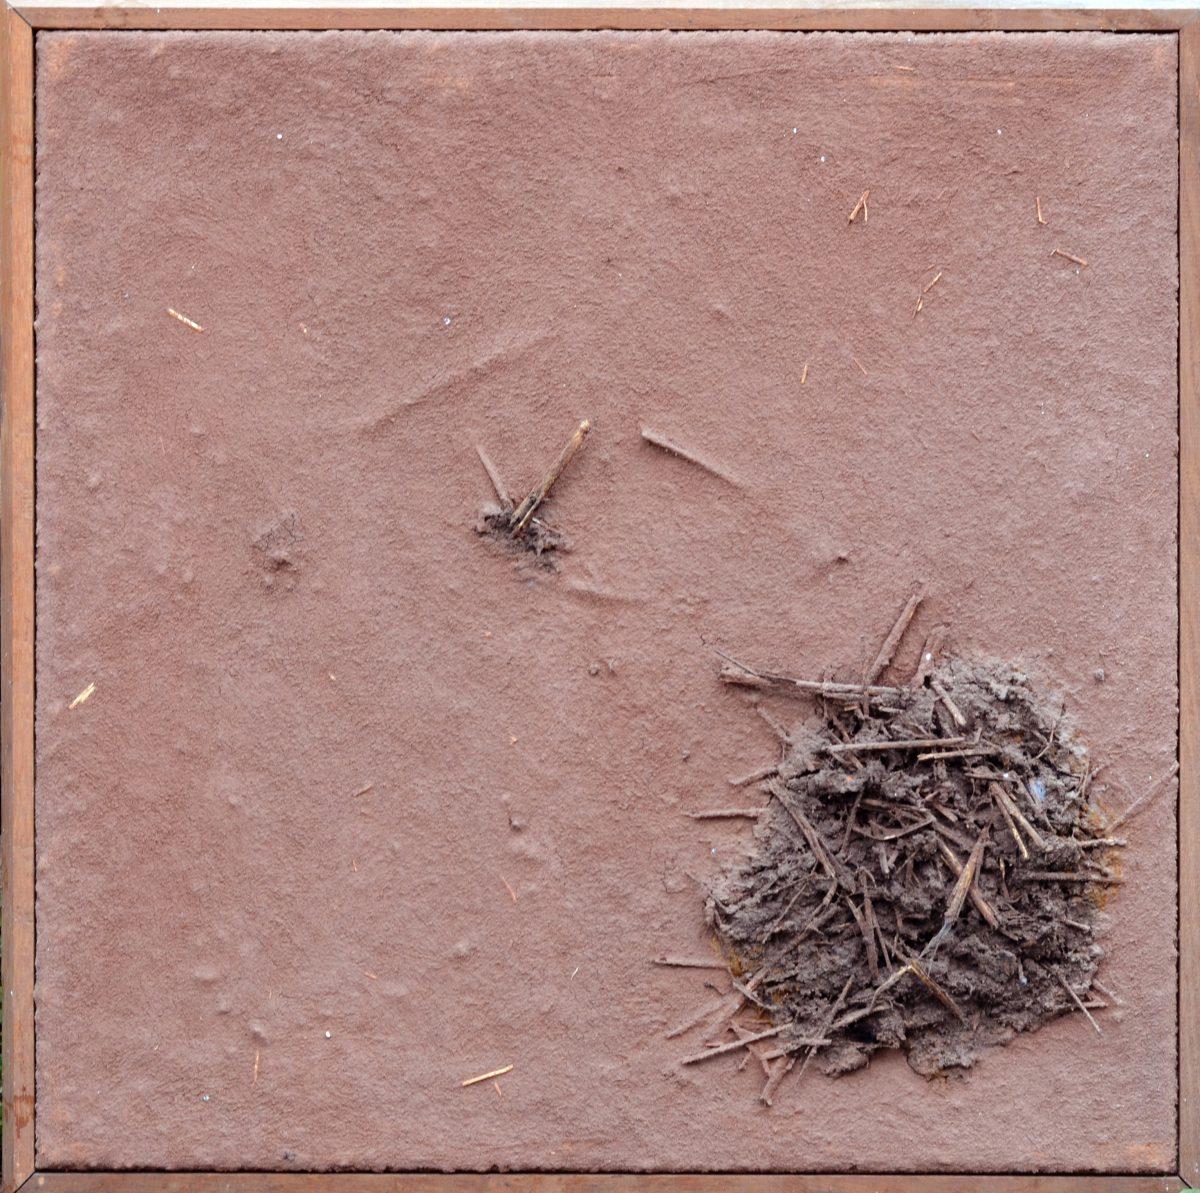 Angel Alonso - Paille sur terre violette - Terre élaborée - 60 x 60 cm